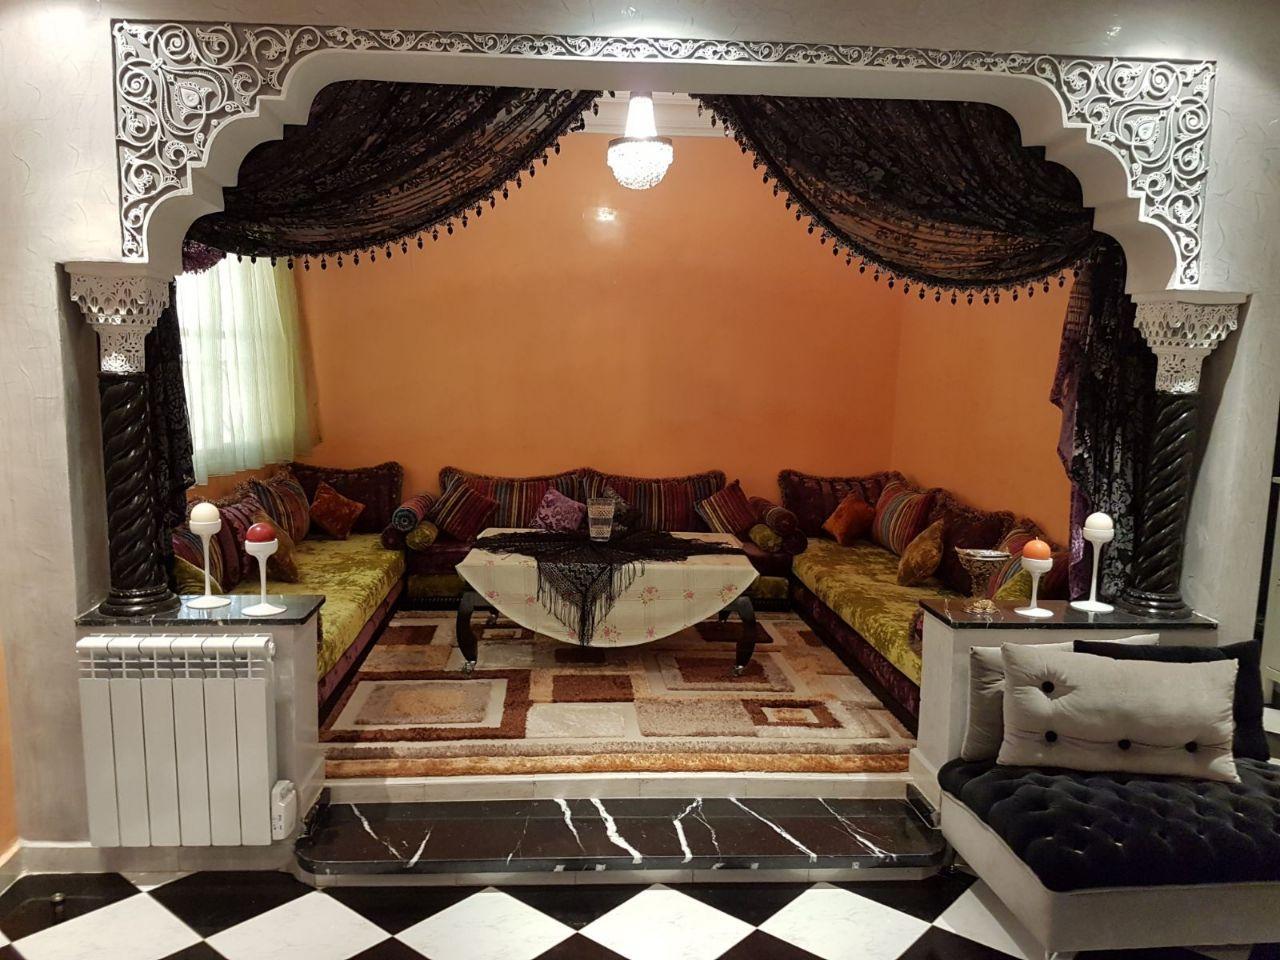 A Vendre Appartement Sur Casablanca Rue Fourat 4 étage Avec Ascenceur Immeuble Sécurisé D Un Superficie 120 Décoration Maison Vendre Appartement Salon Marocain